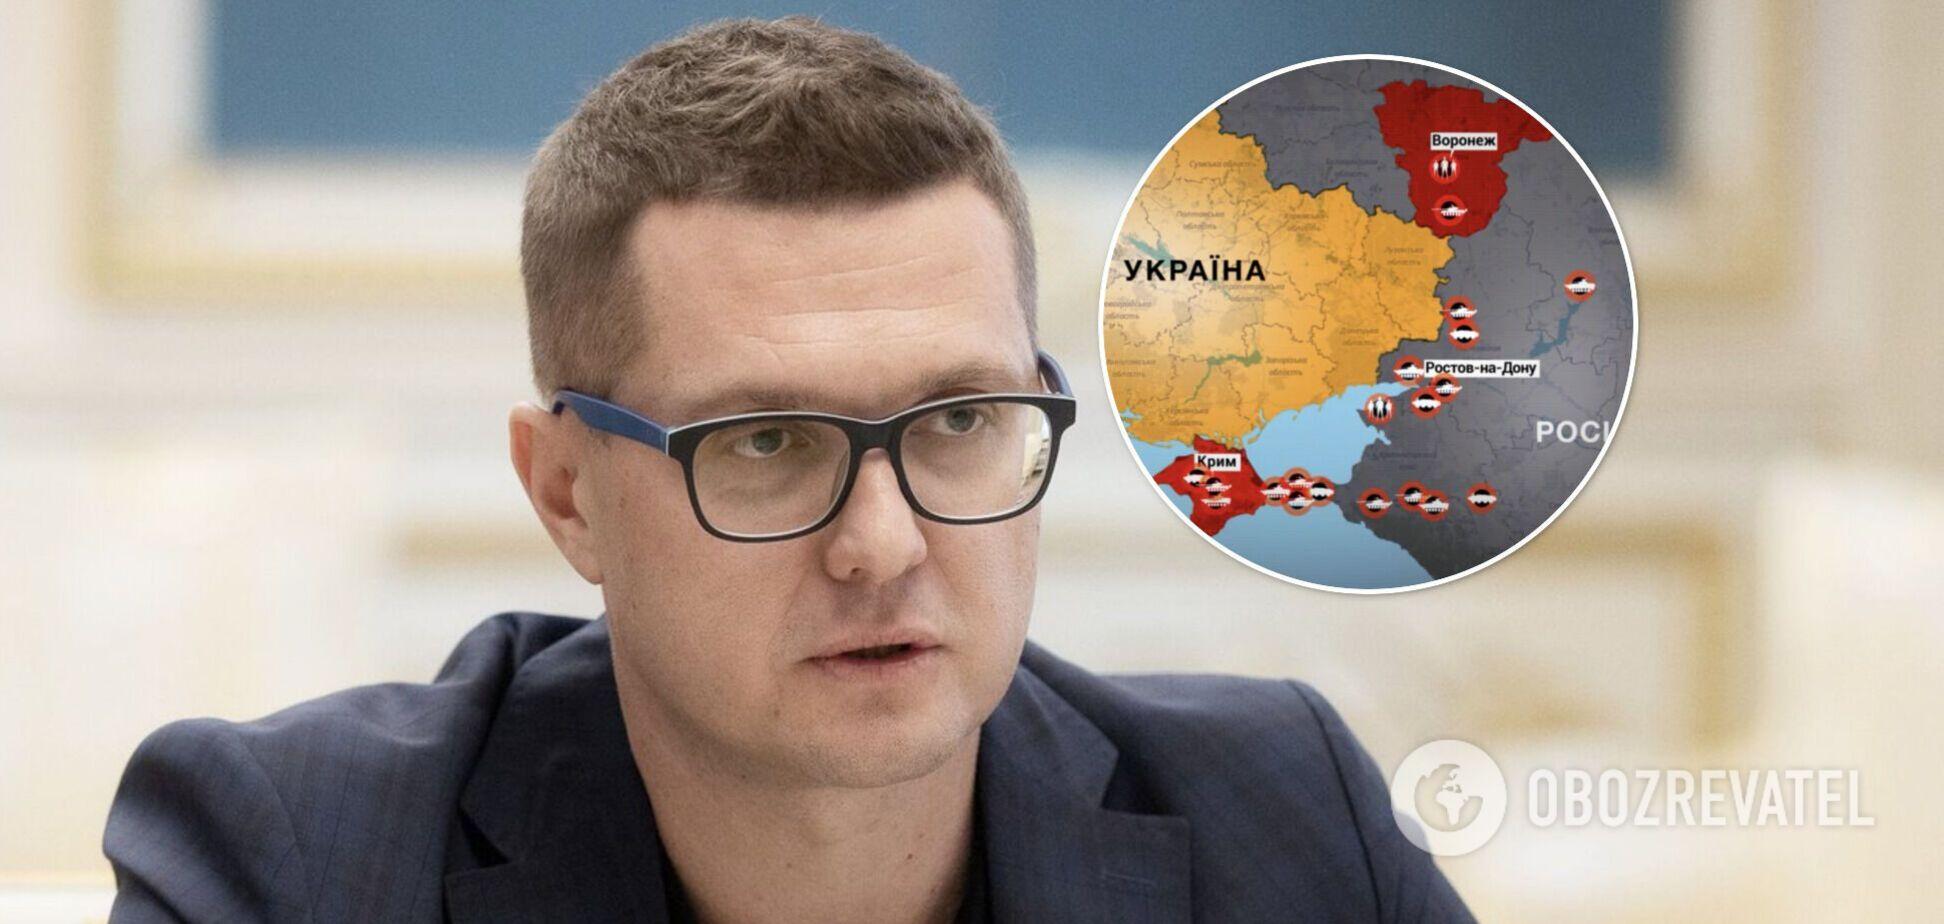 Росія може вторгнутися в Україну на п'яти напрямках, – Баканов